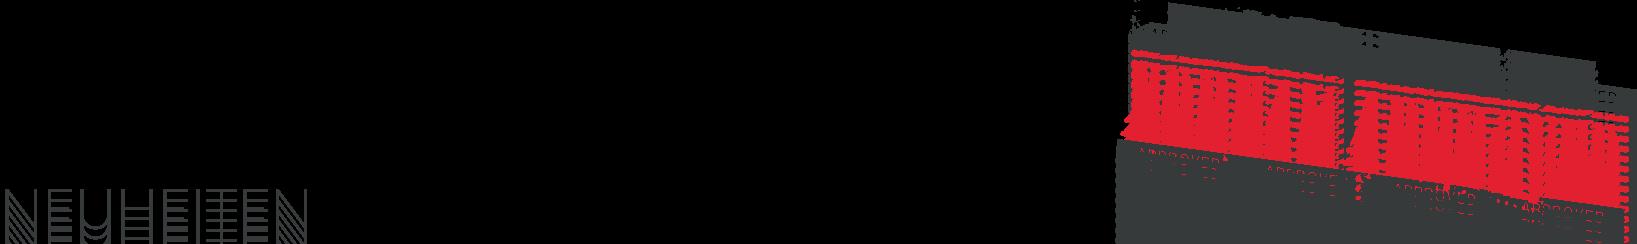 NEUHEITEN